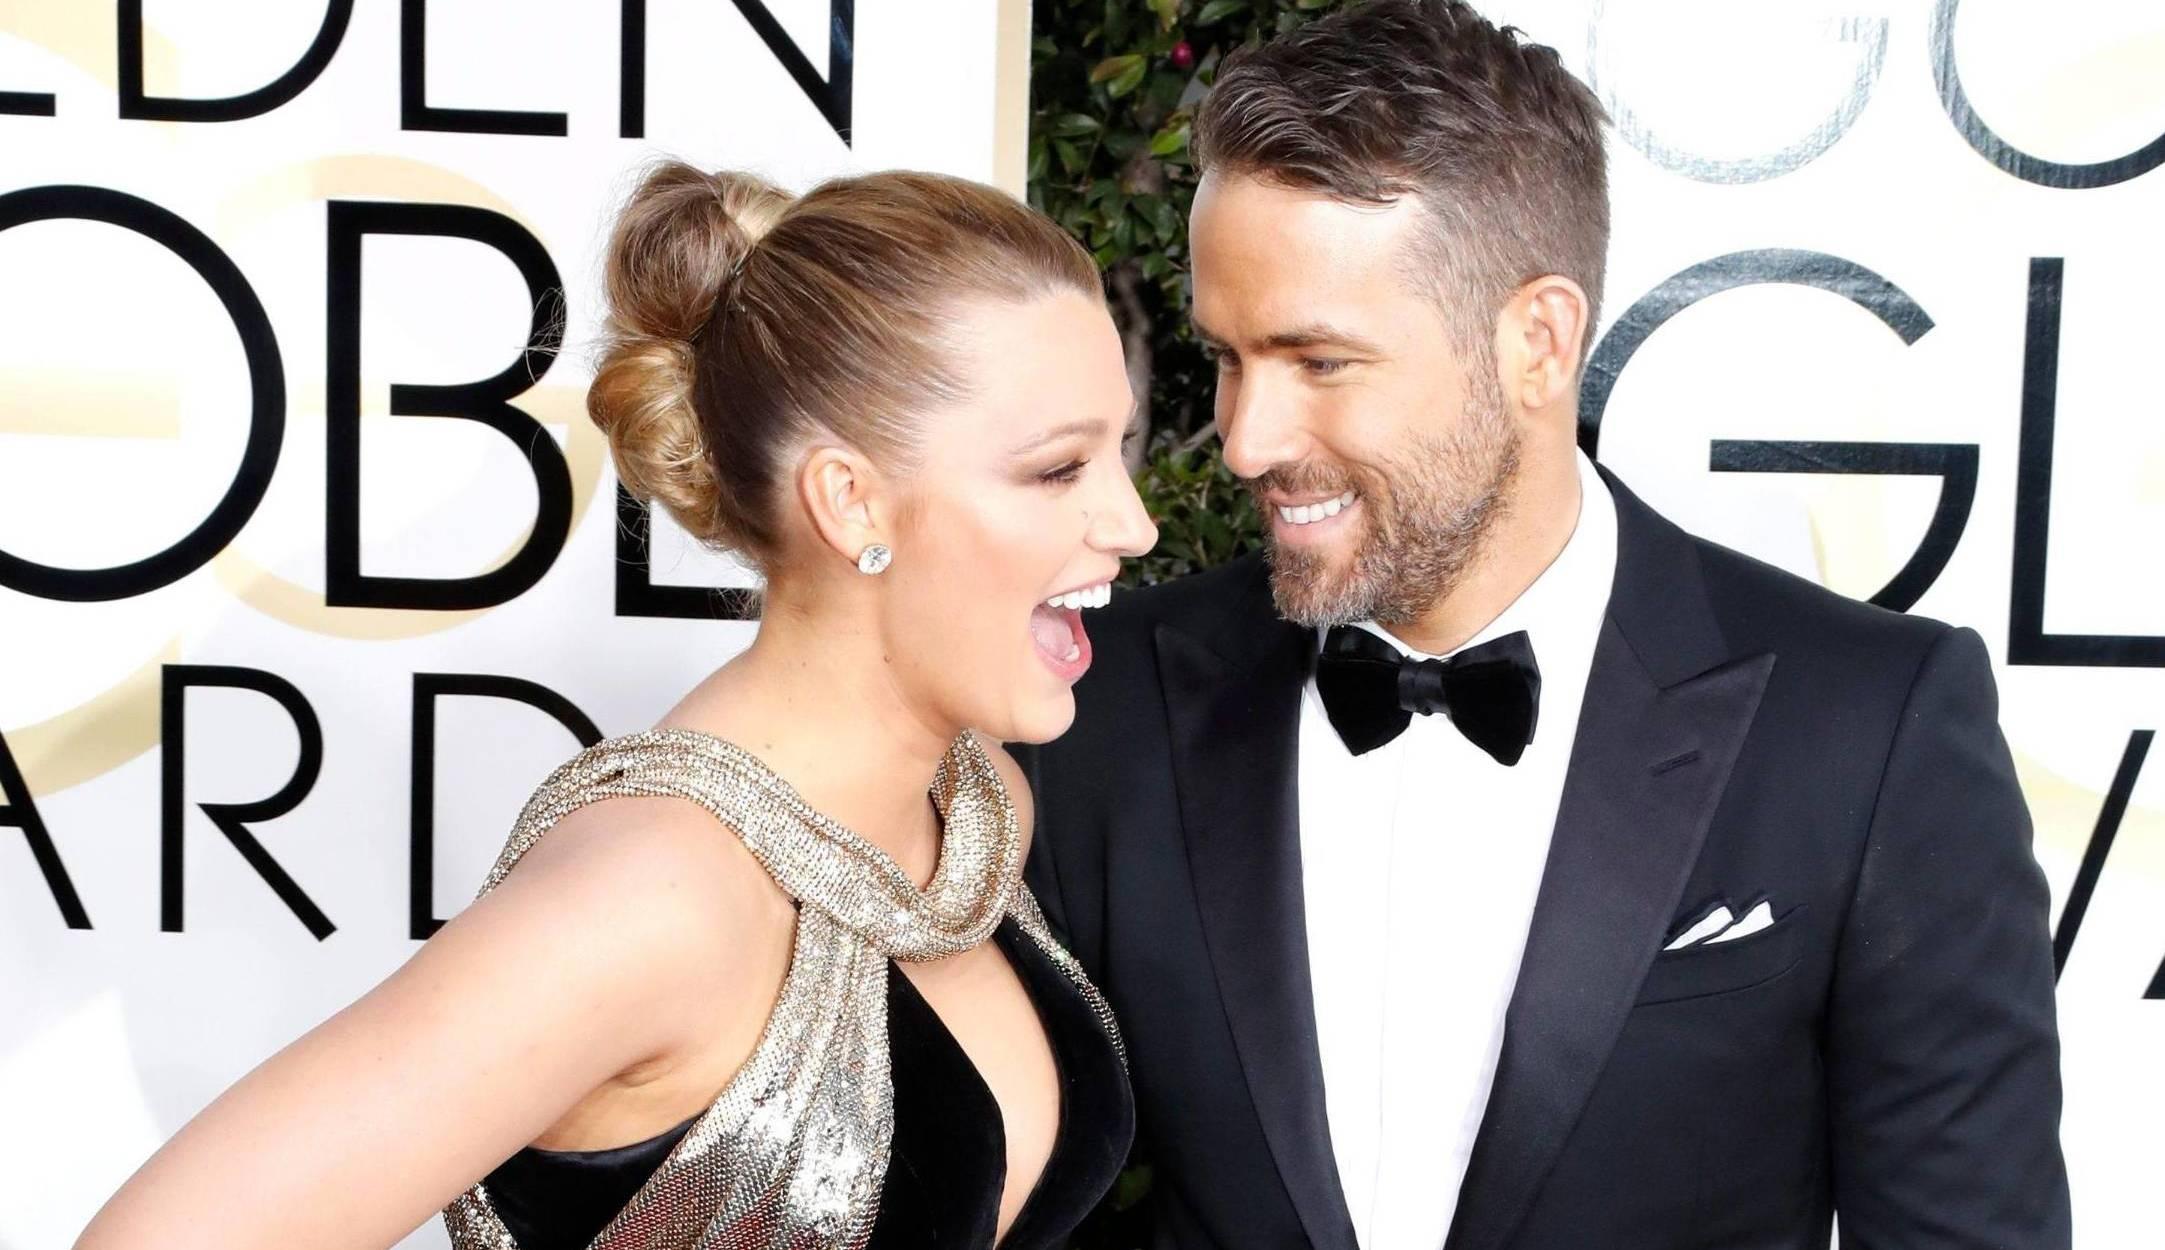 Golden Globe 2017, come si sono vestite le star? Sul red carpet le celebrities danno sempre il meglio di loro.